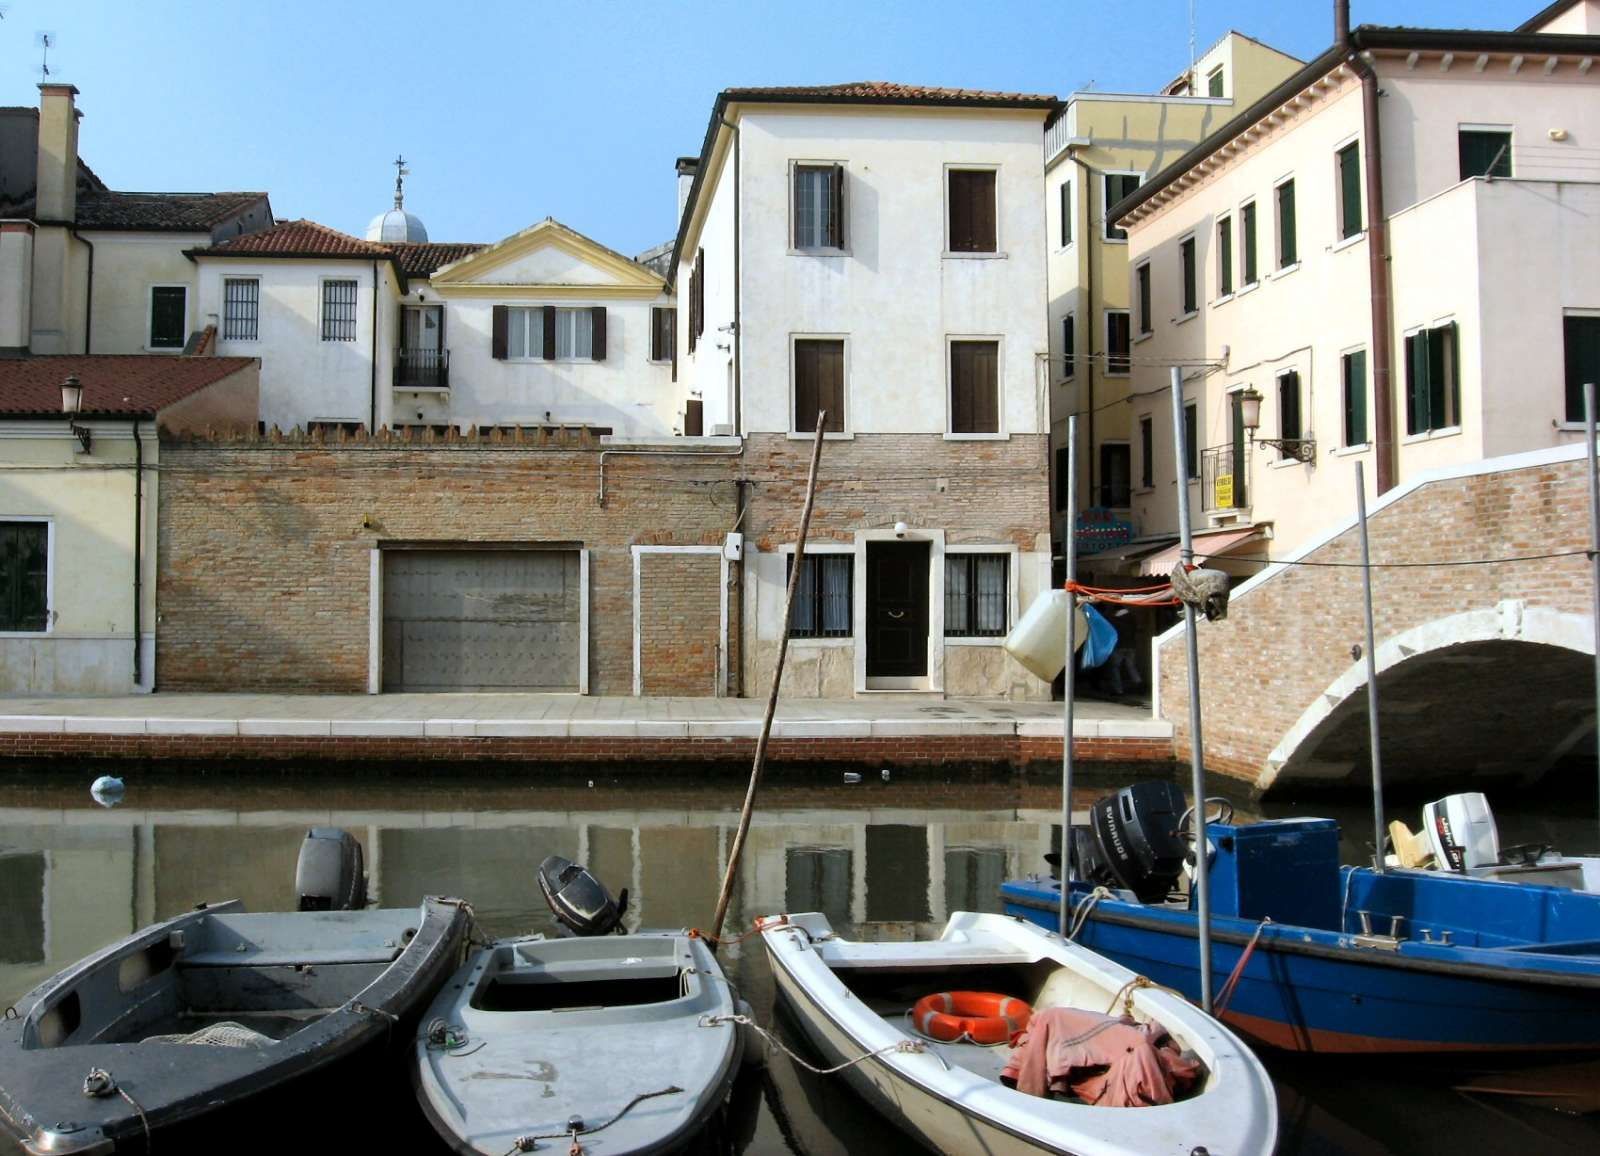 B&B Casa Carlo Goldoni in der Mitte des Bildes (schwarze Tür)